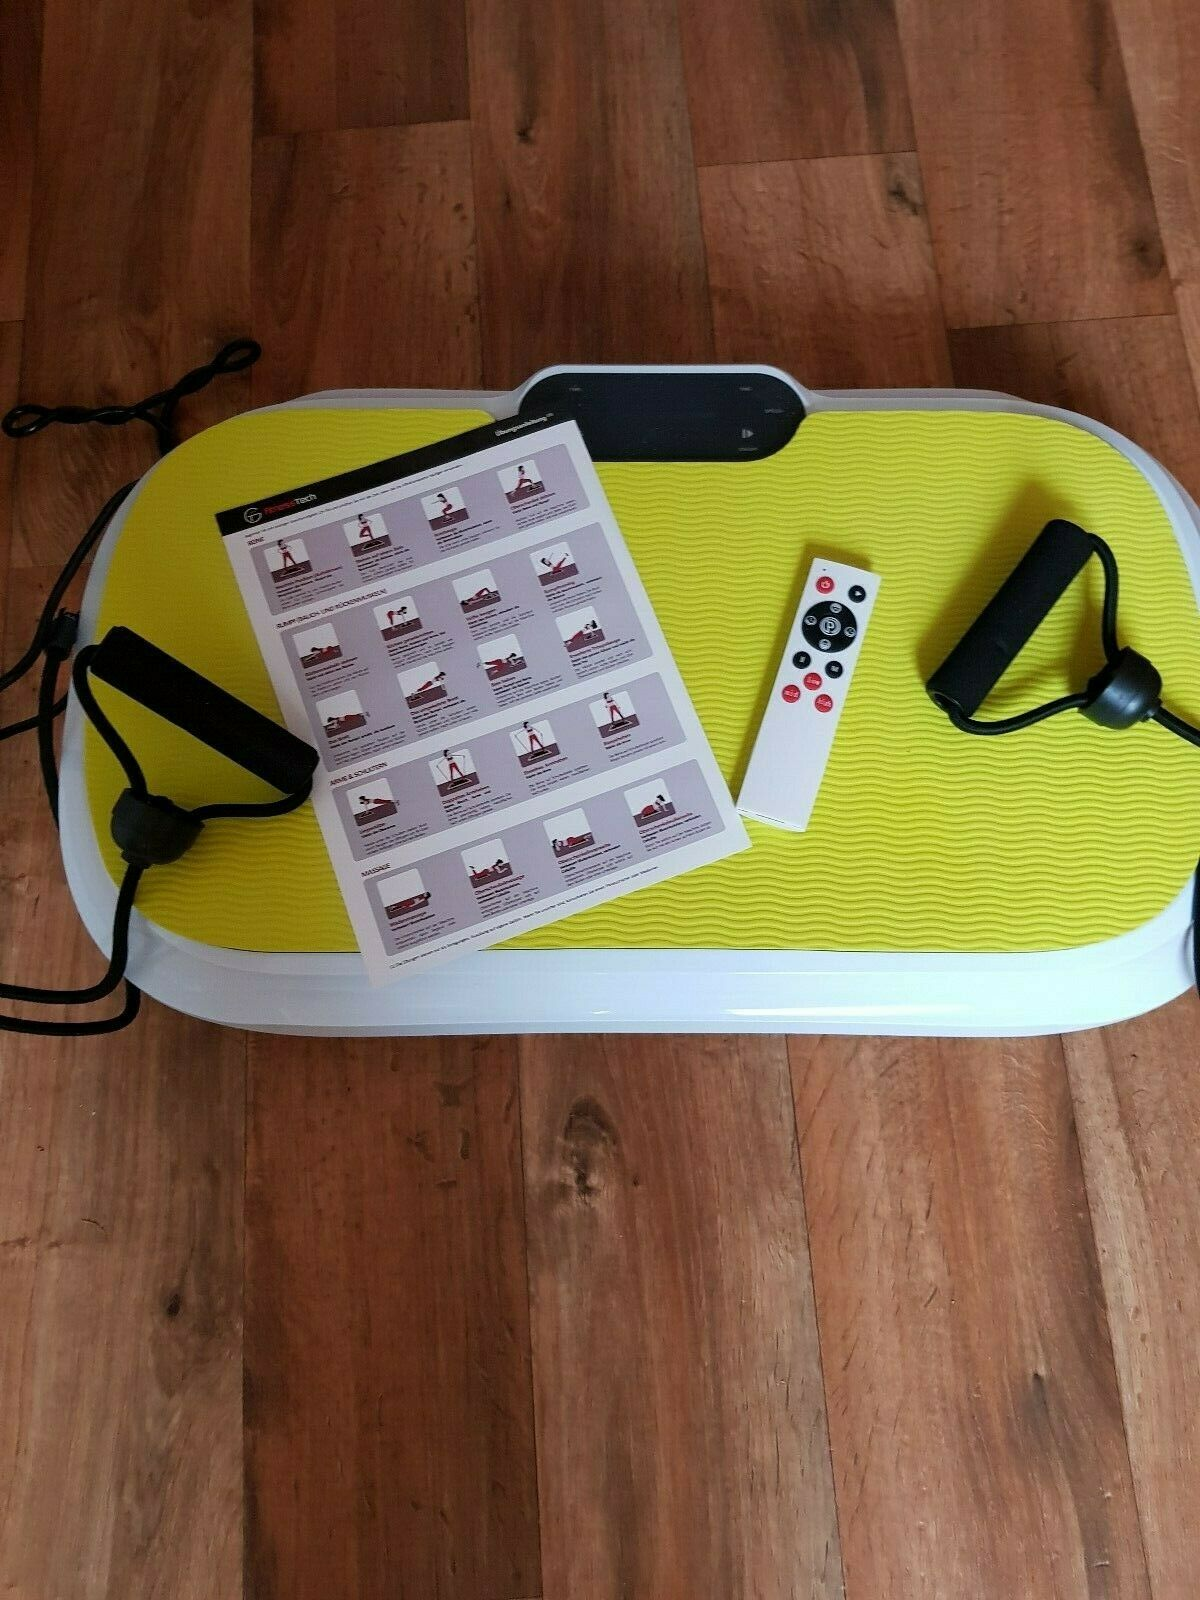 Vibrationsplatte,im April 2019 gekauft,sehr selten benutzt,keine Gebrauchsspuren